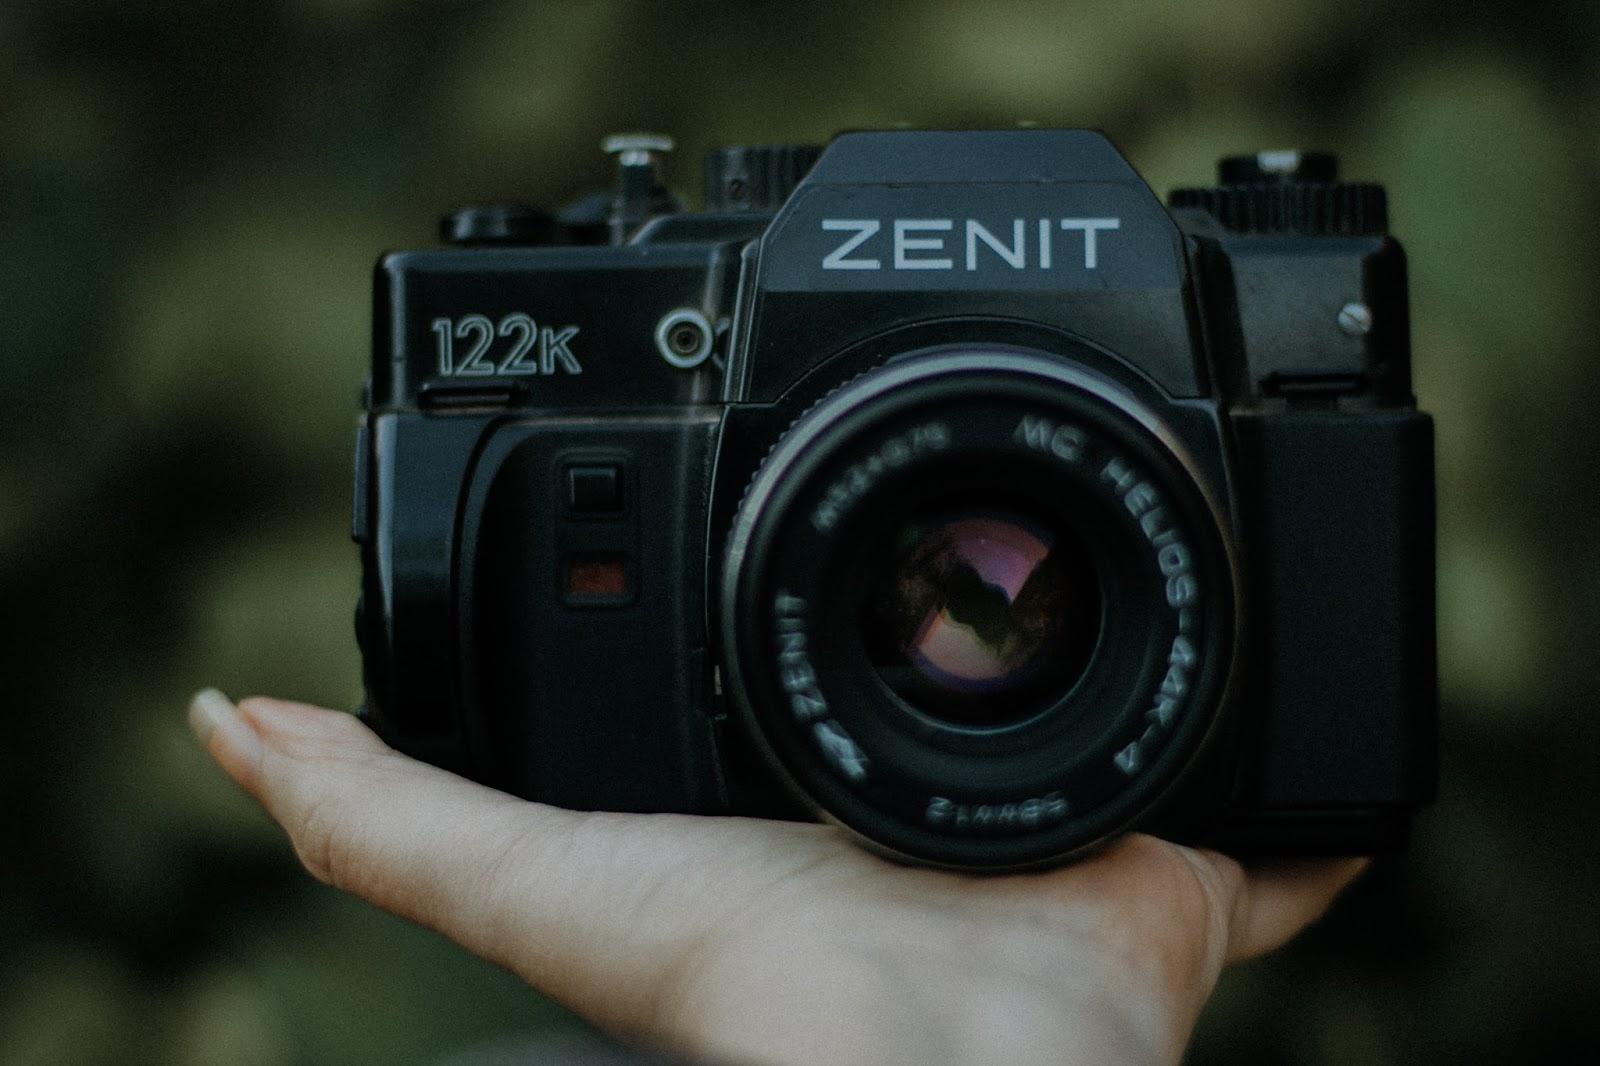 Comprei: Zenit 122. Se você não tem muita intimidade com as câmeras analógicas eu vou tentar te explicar um pouco sobre ela. Essa câmera que comprei é uma Zenit 122K, que é uma versão da Zenit 122. Mas, quais são as diferenças entre as duas? Na verdade as duas são quase idênticas, mas a única diferença é que a baioneta da Zenit 122 é uma m42, já a baioneta da Zenit 122k, é uma baioneta pentax K. A baioneta é a boca de encaixe da lente com a câmera.   A baioneta M42 é quando tu só enrosca até ficar firme e encaixada. Já a baioneta Pentax K, você tem que encaixar até escutar o click como nas dslr de hoje em dia. O legal da baioneta PK, é que quando for comprar a minha próxima aquisição, a pentax k1000, vou procurar uma que venha com uma outra lente <3